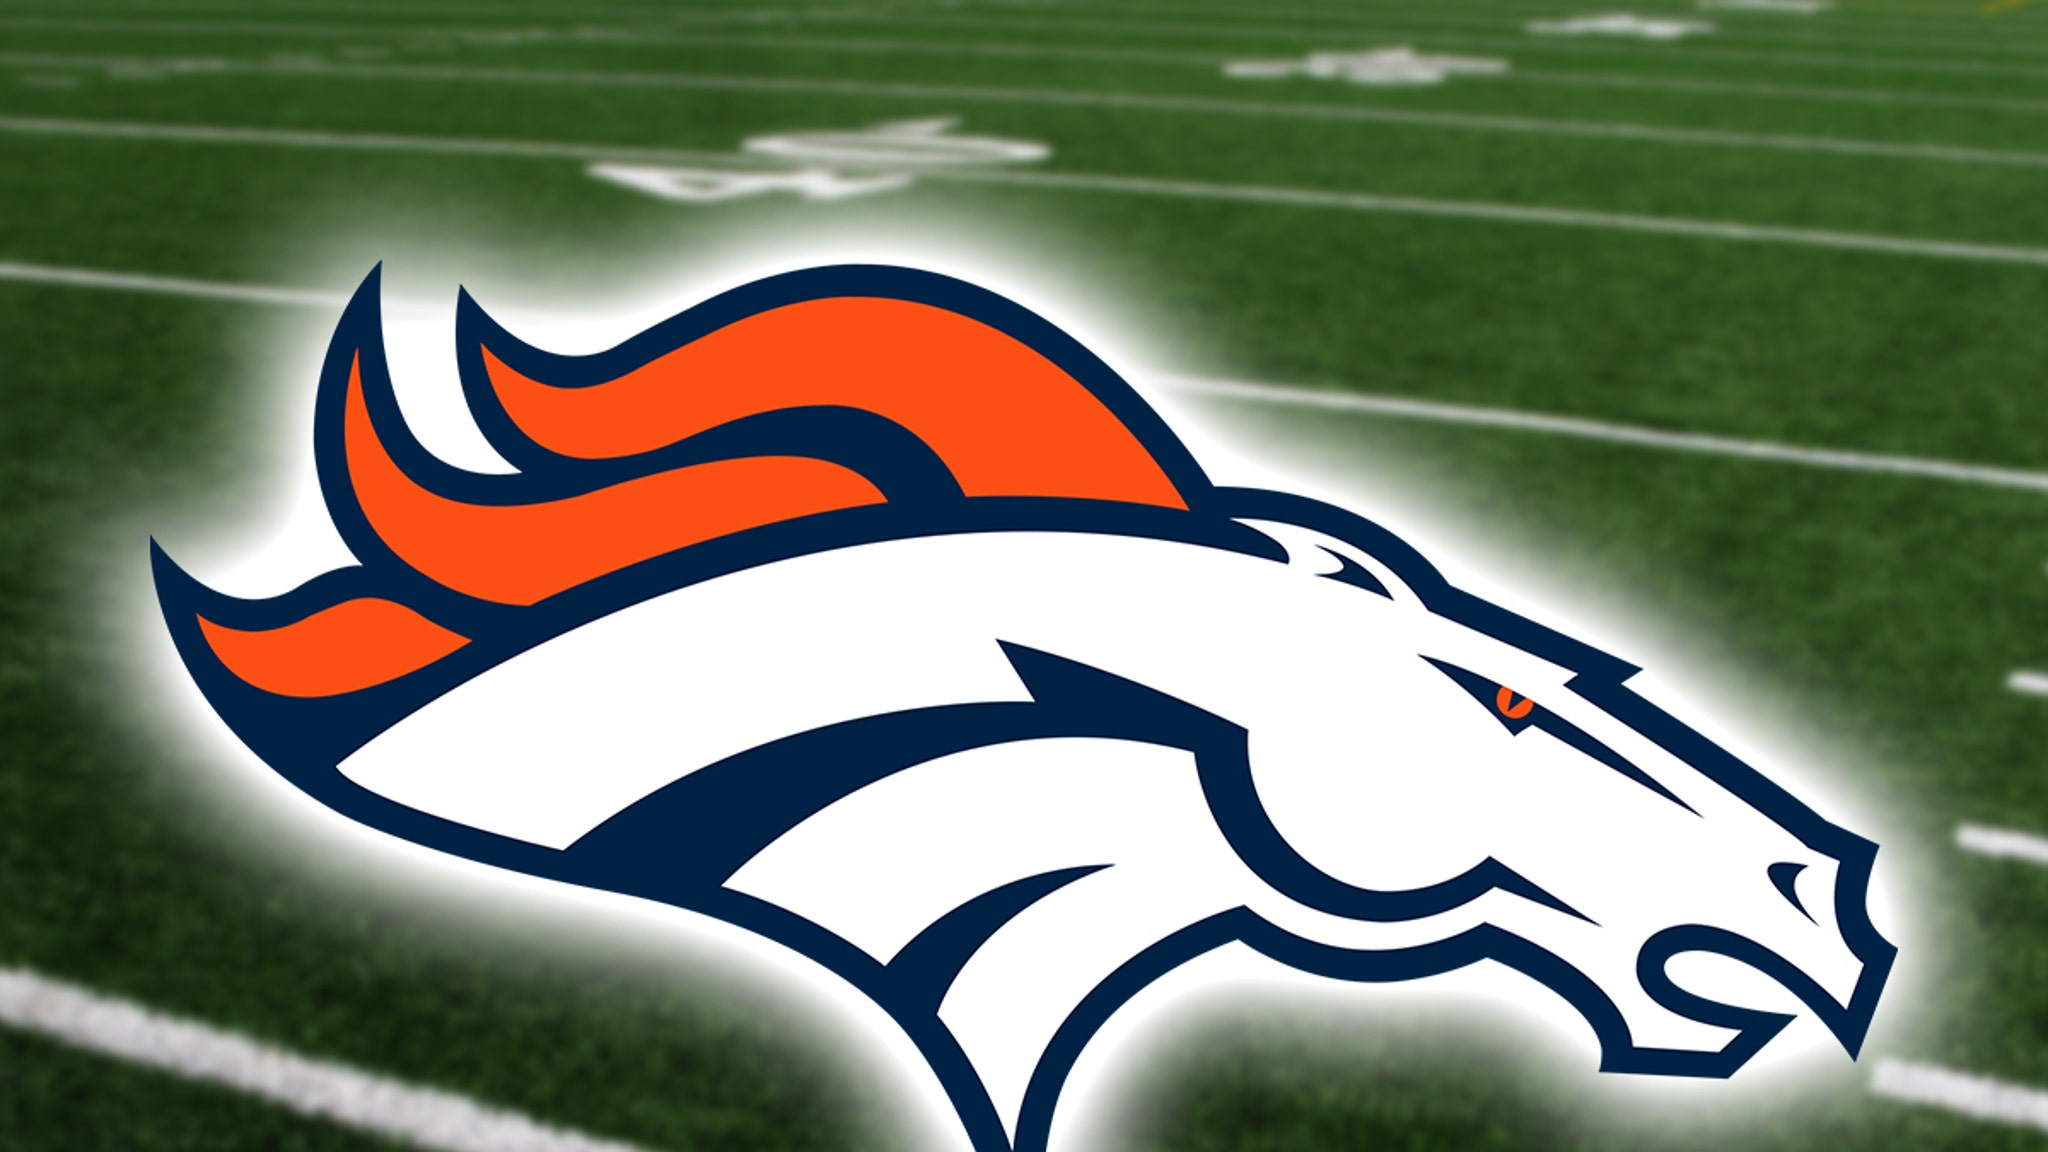 Denver Broncos Practice Canceled After Player Tests Positive for COVID